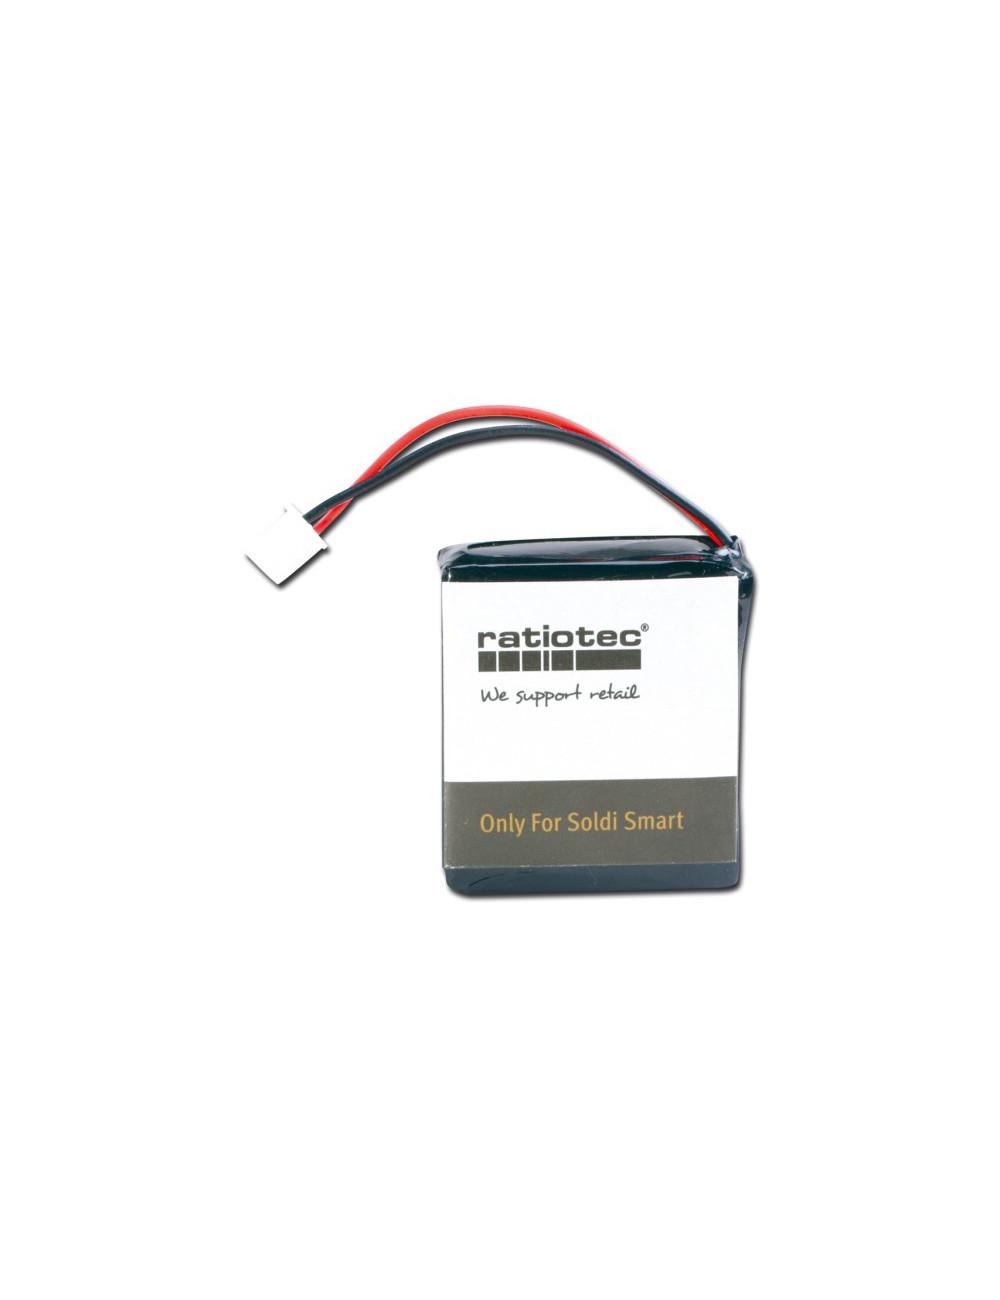 Batterie rechargeable Li-ion / détecteur série EMSmart